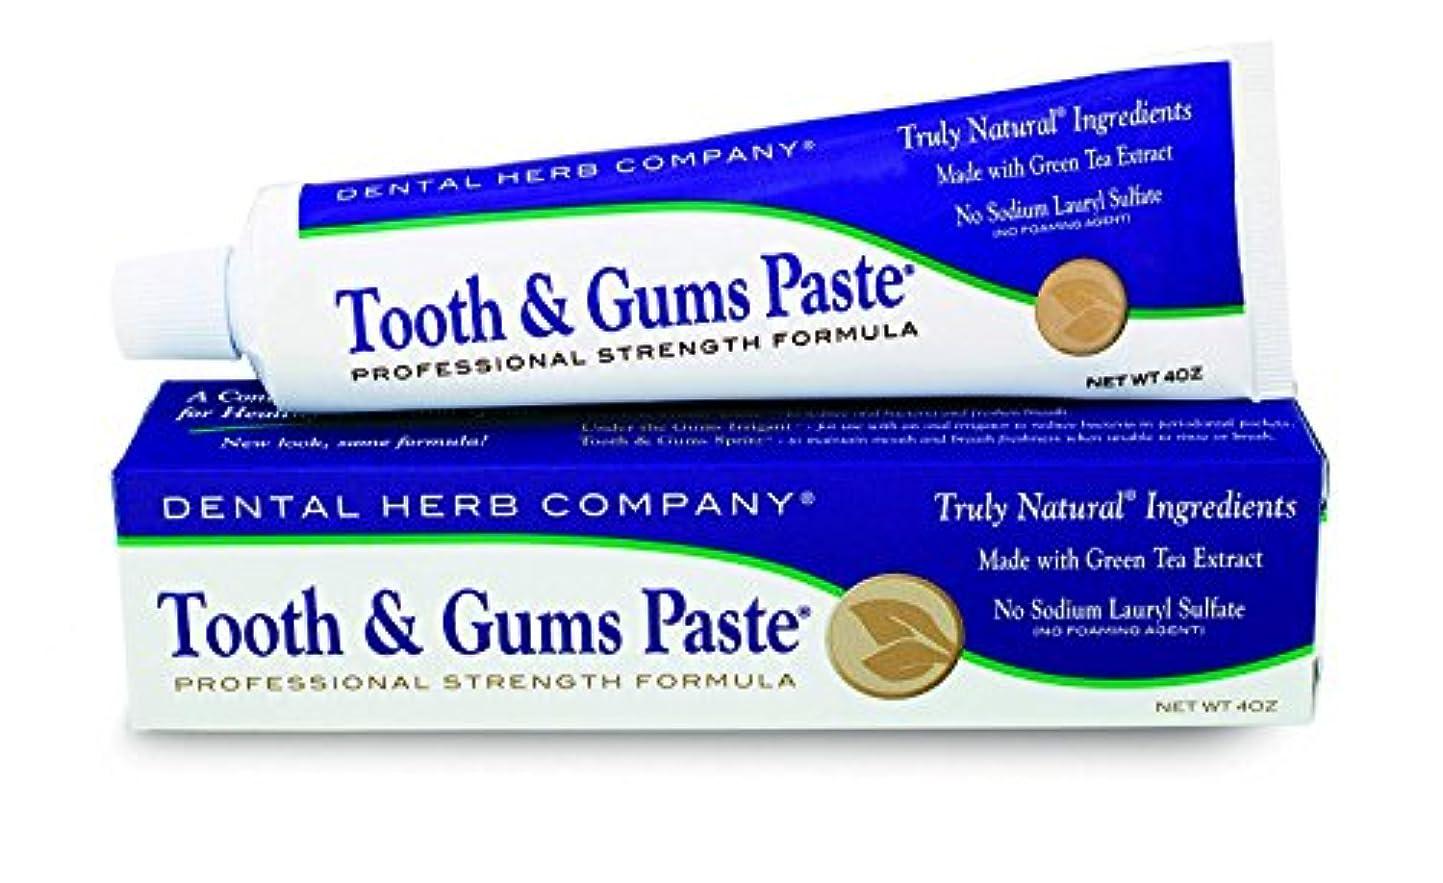 傾向があります肉腫カトリック教徒[Dental Herb Company] [DHC-TGP Tooth & Gums Paste Value 3-Pack] (並行輸入品)